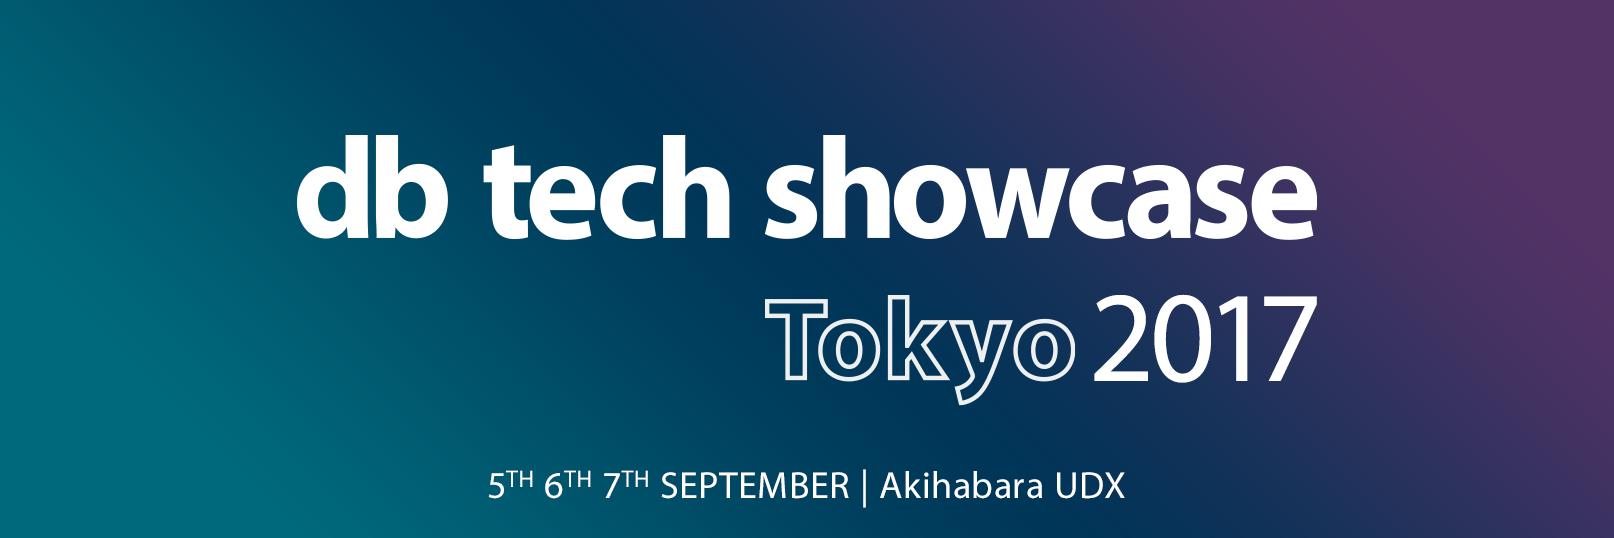 db tech showcase Tokyo 2017